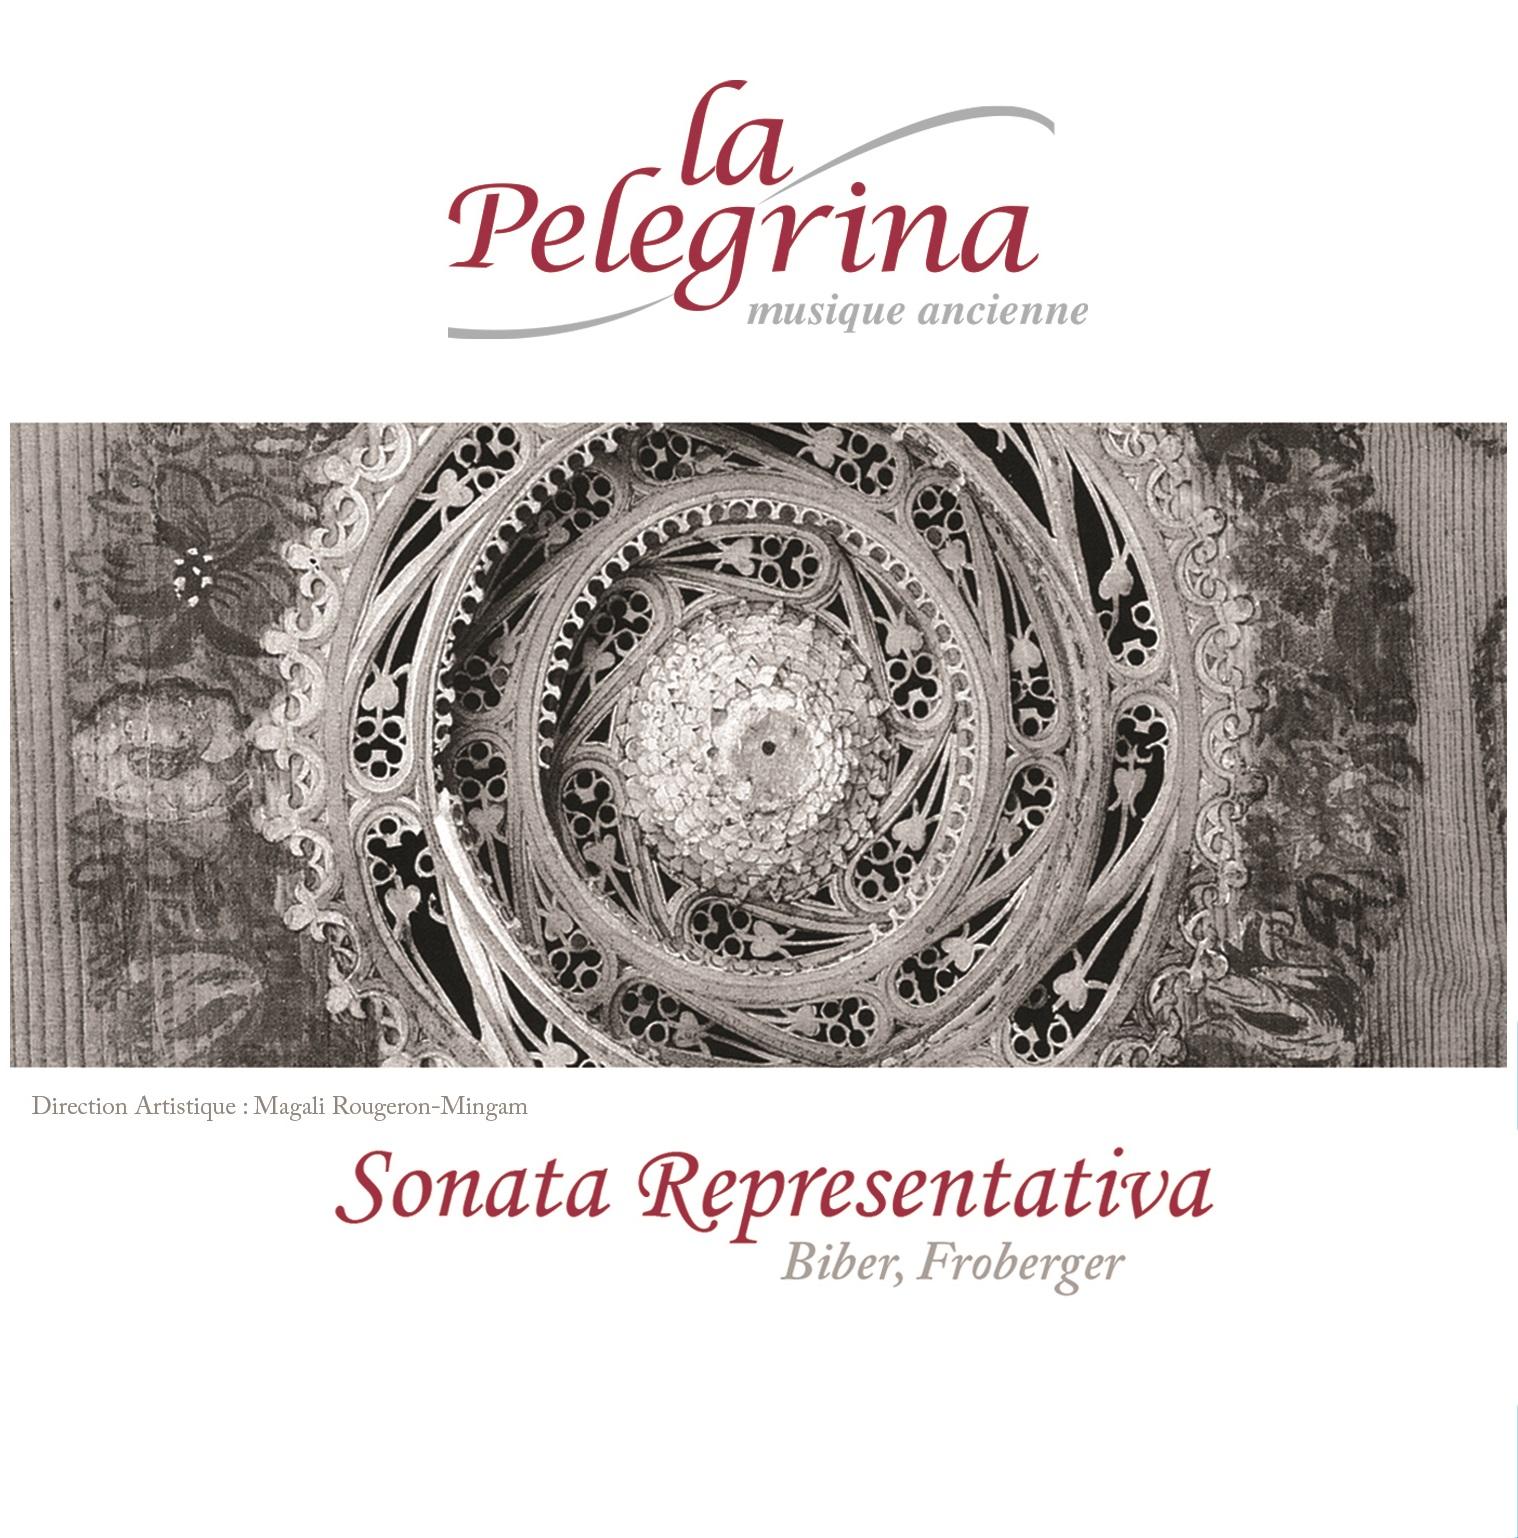 Pelegrina_pochette_Sonata_rep-1466505740.jpg